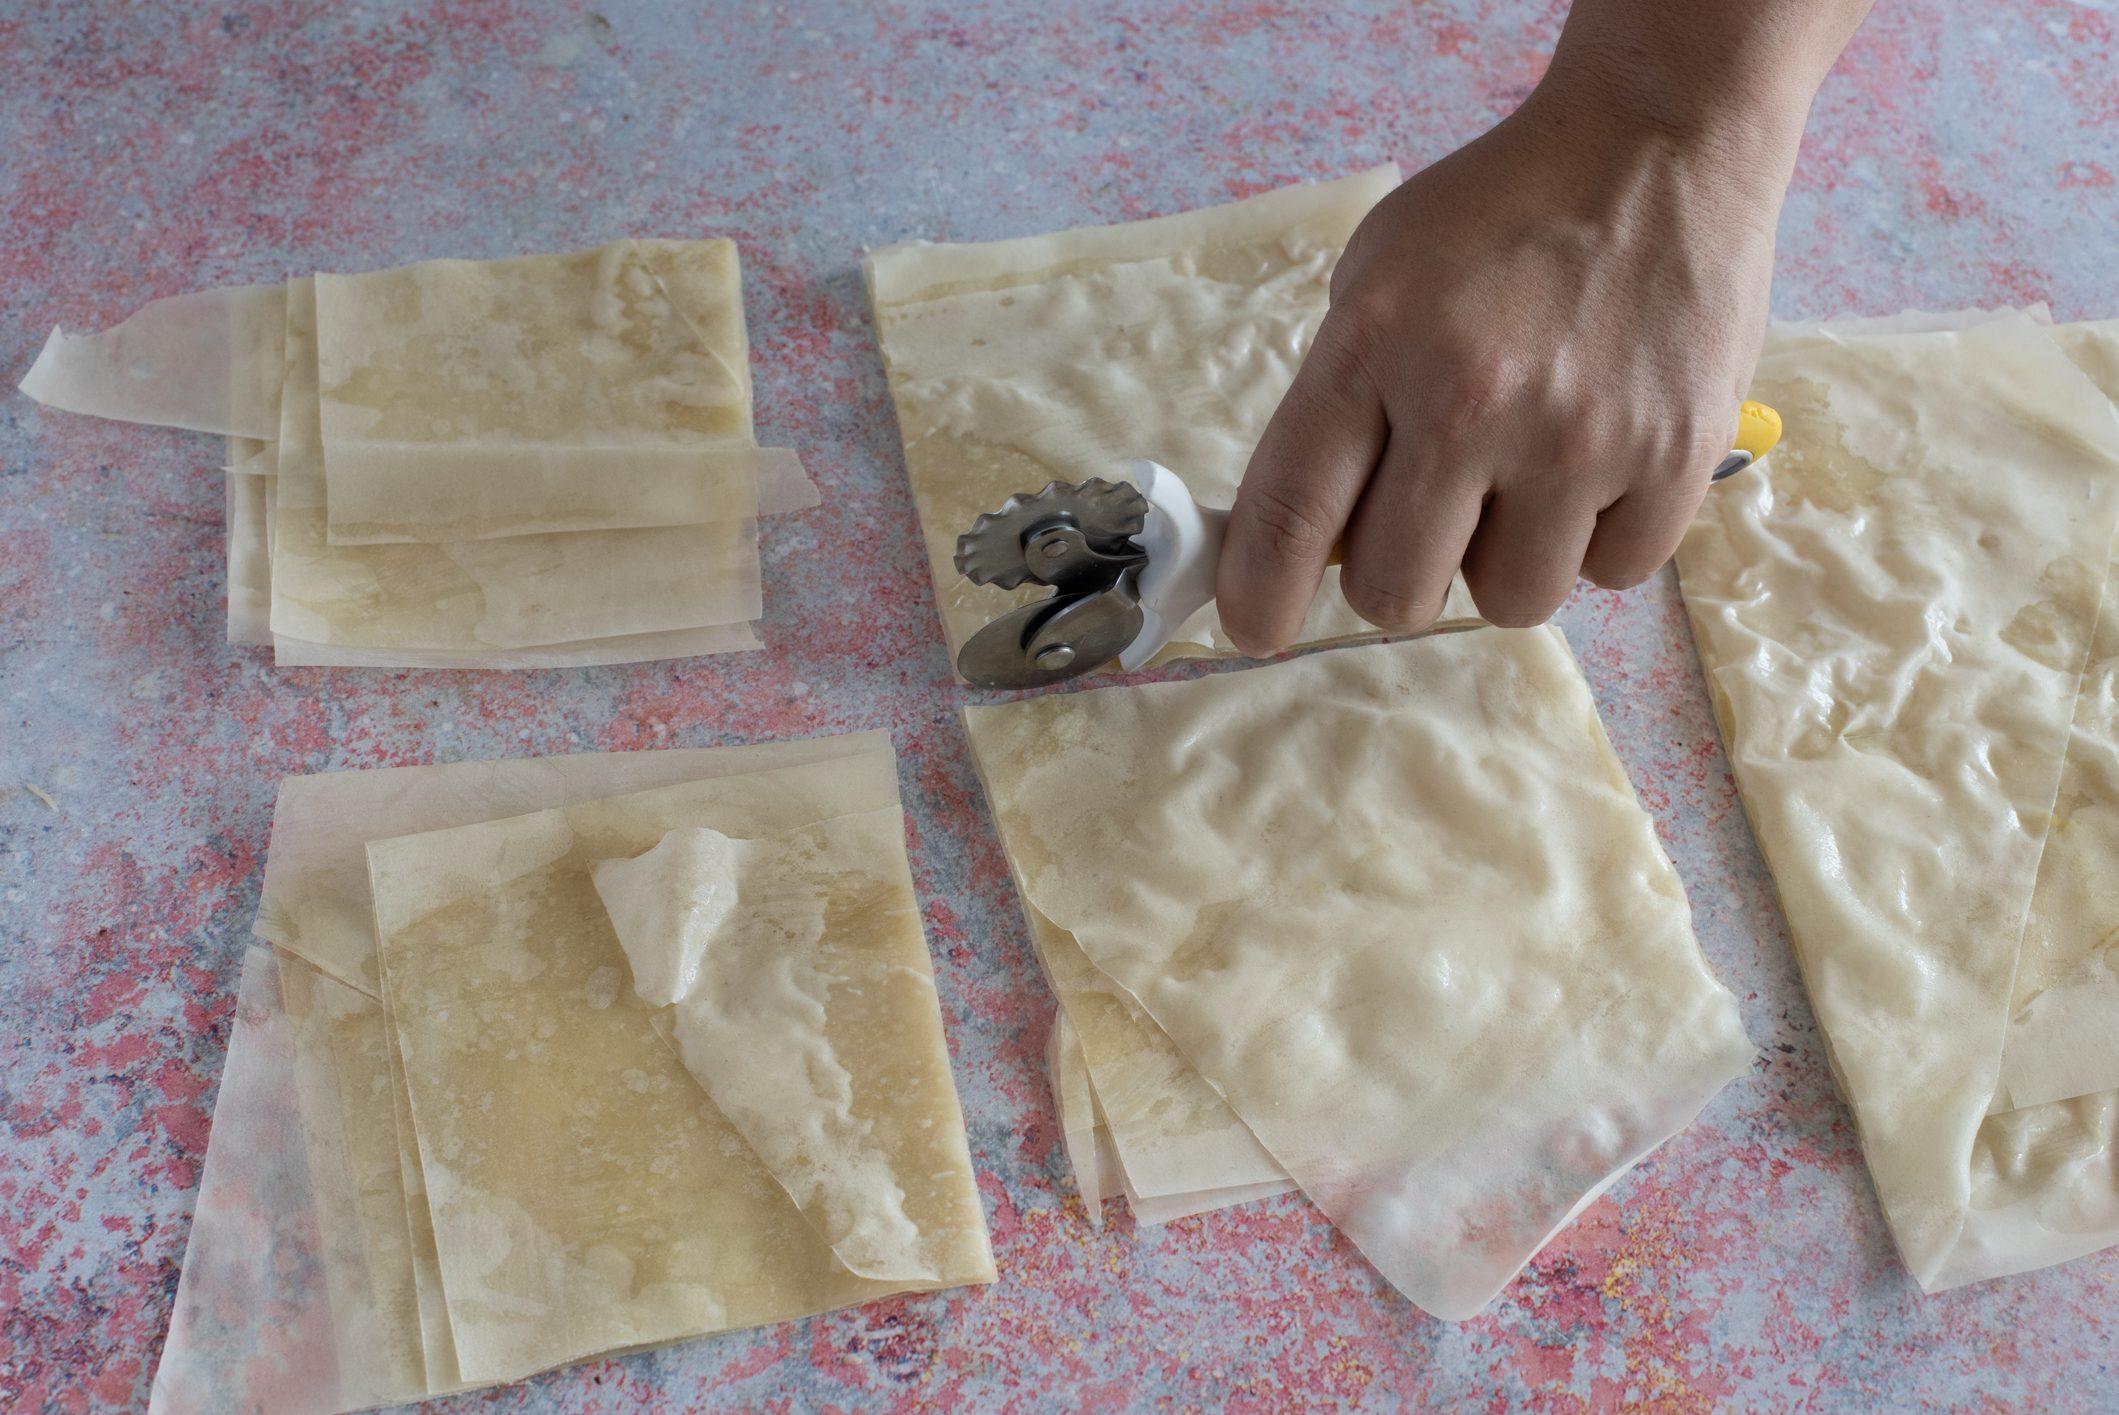 cestini croccanti con mousse di mortadella